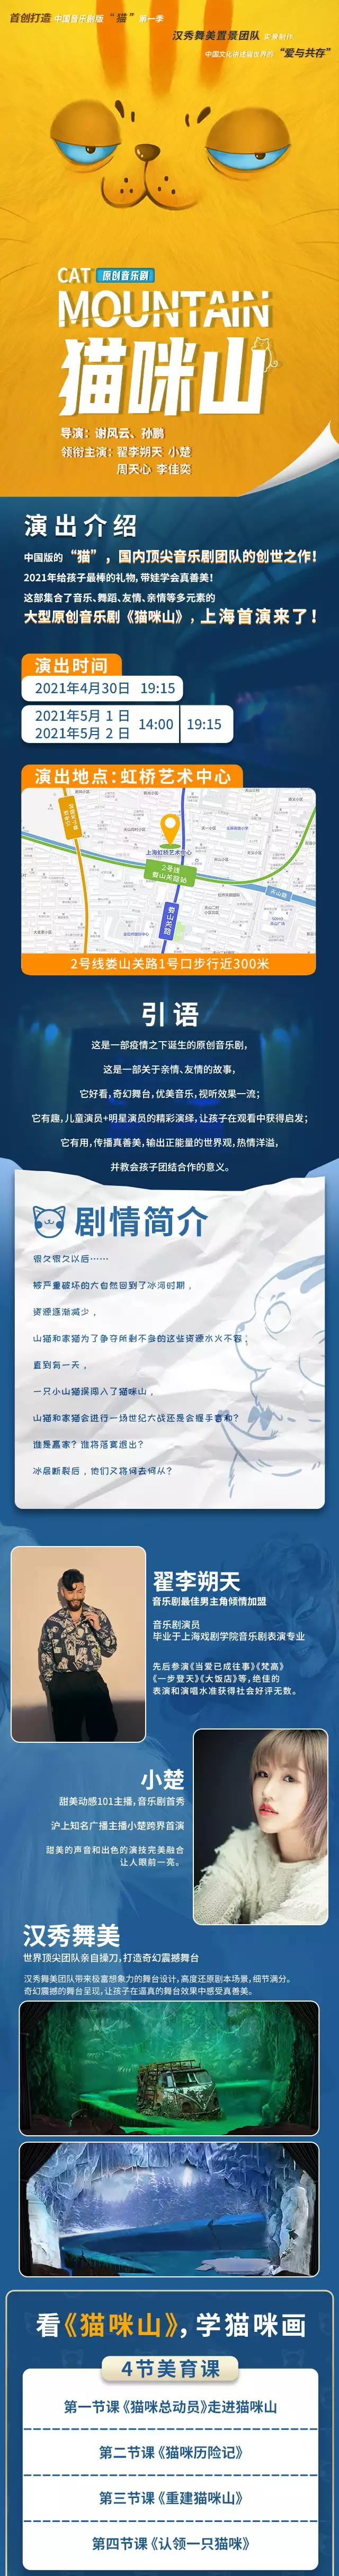 2021大型原创音乐剧《猫咪山》-上海站